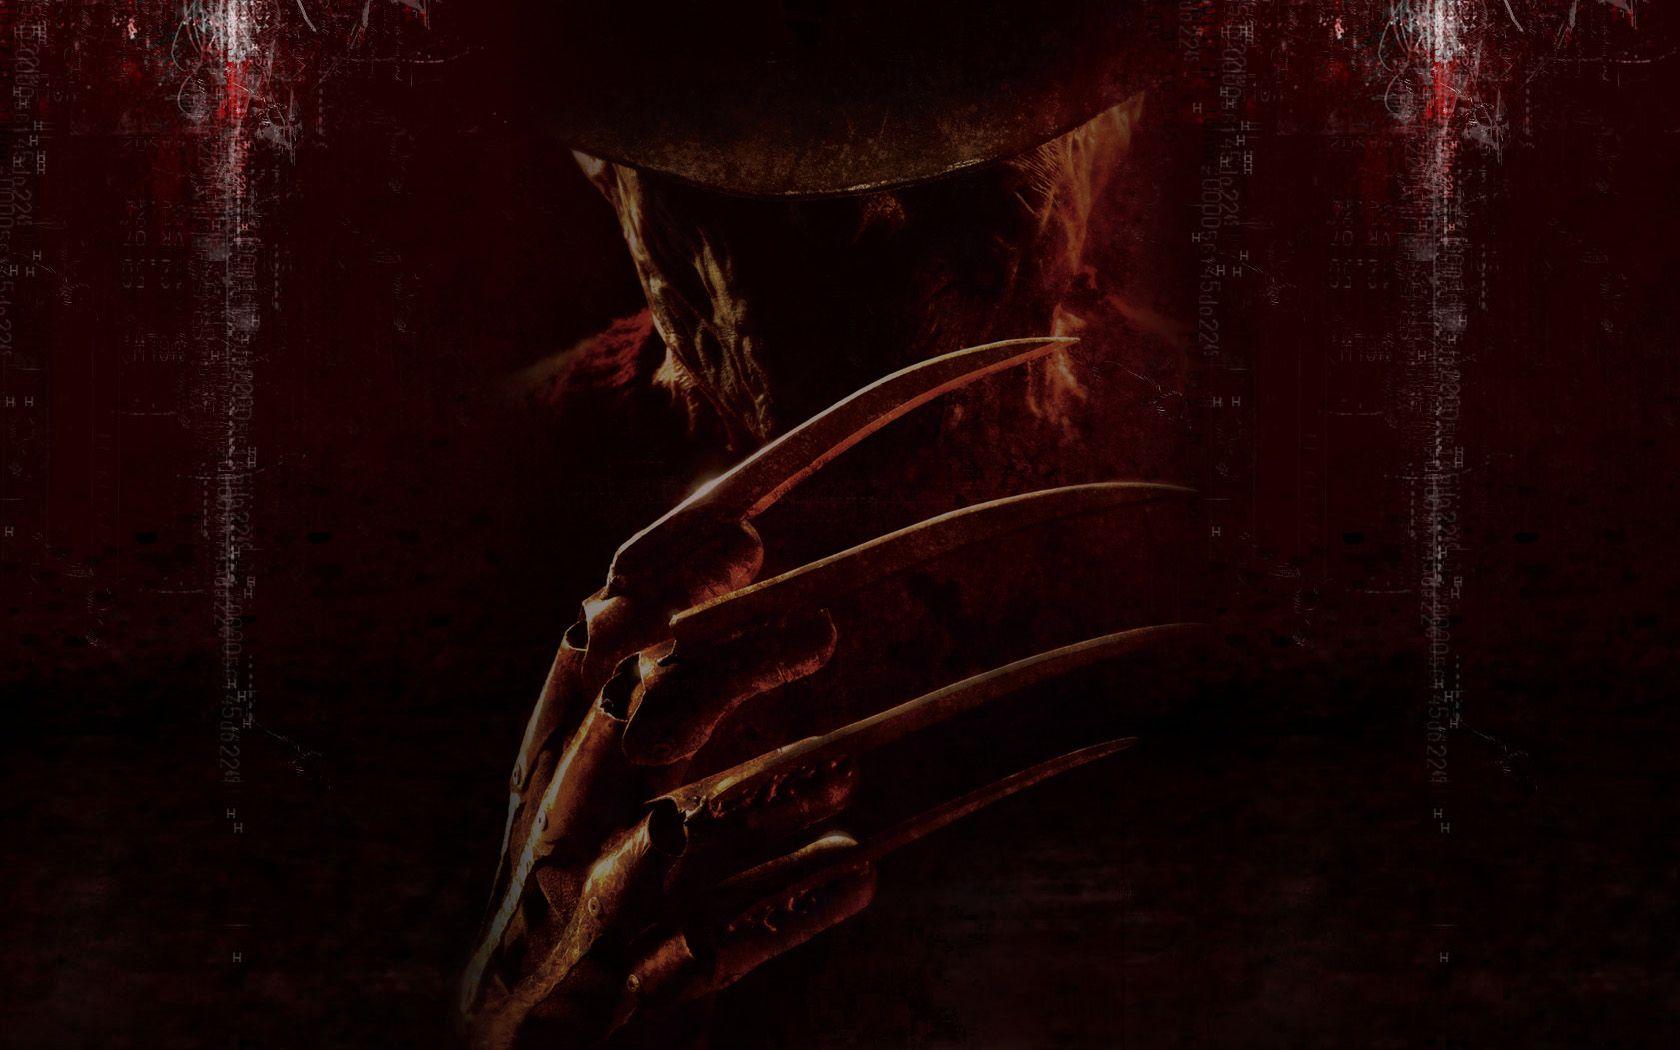 Freddy Krueger Wallpaper All Things Elm Street Pinterest